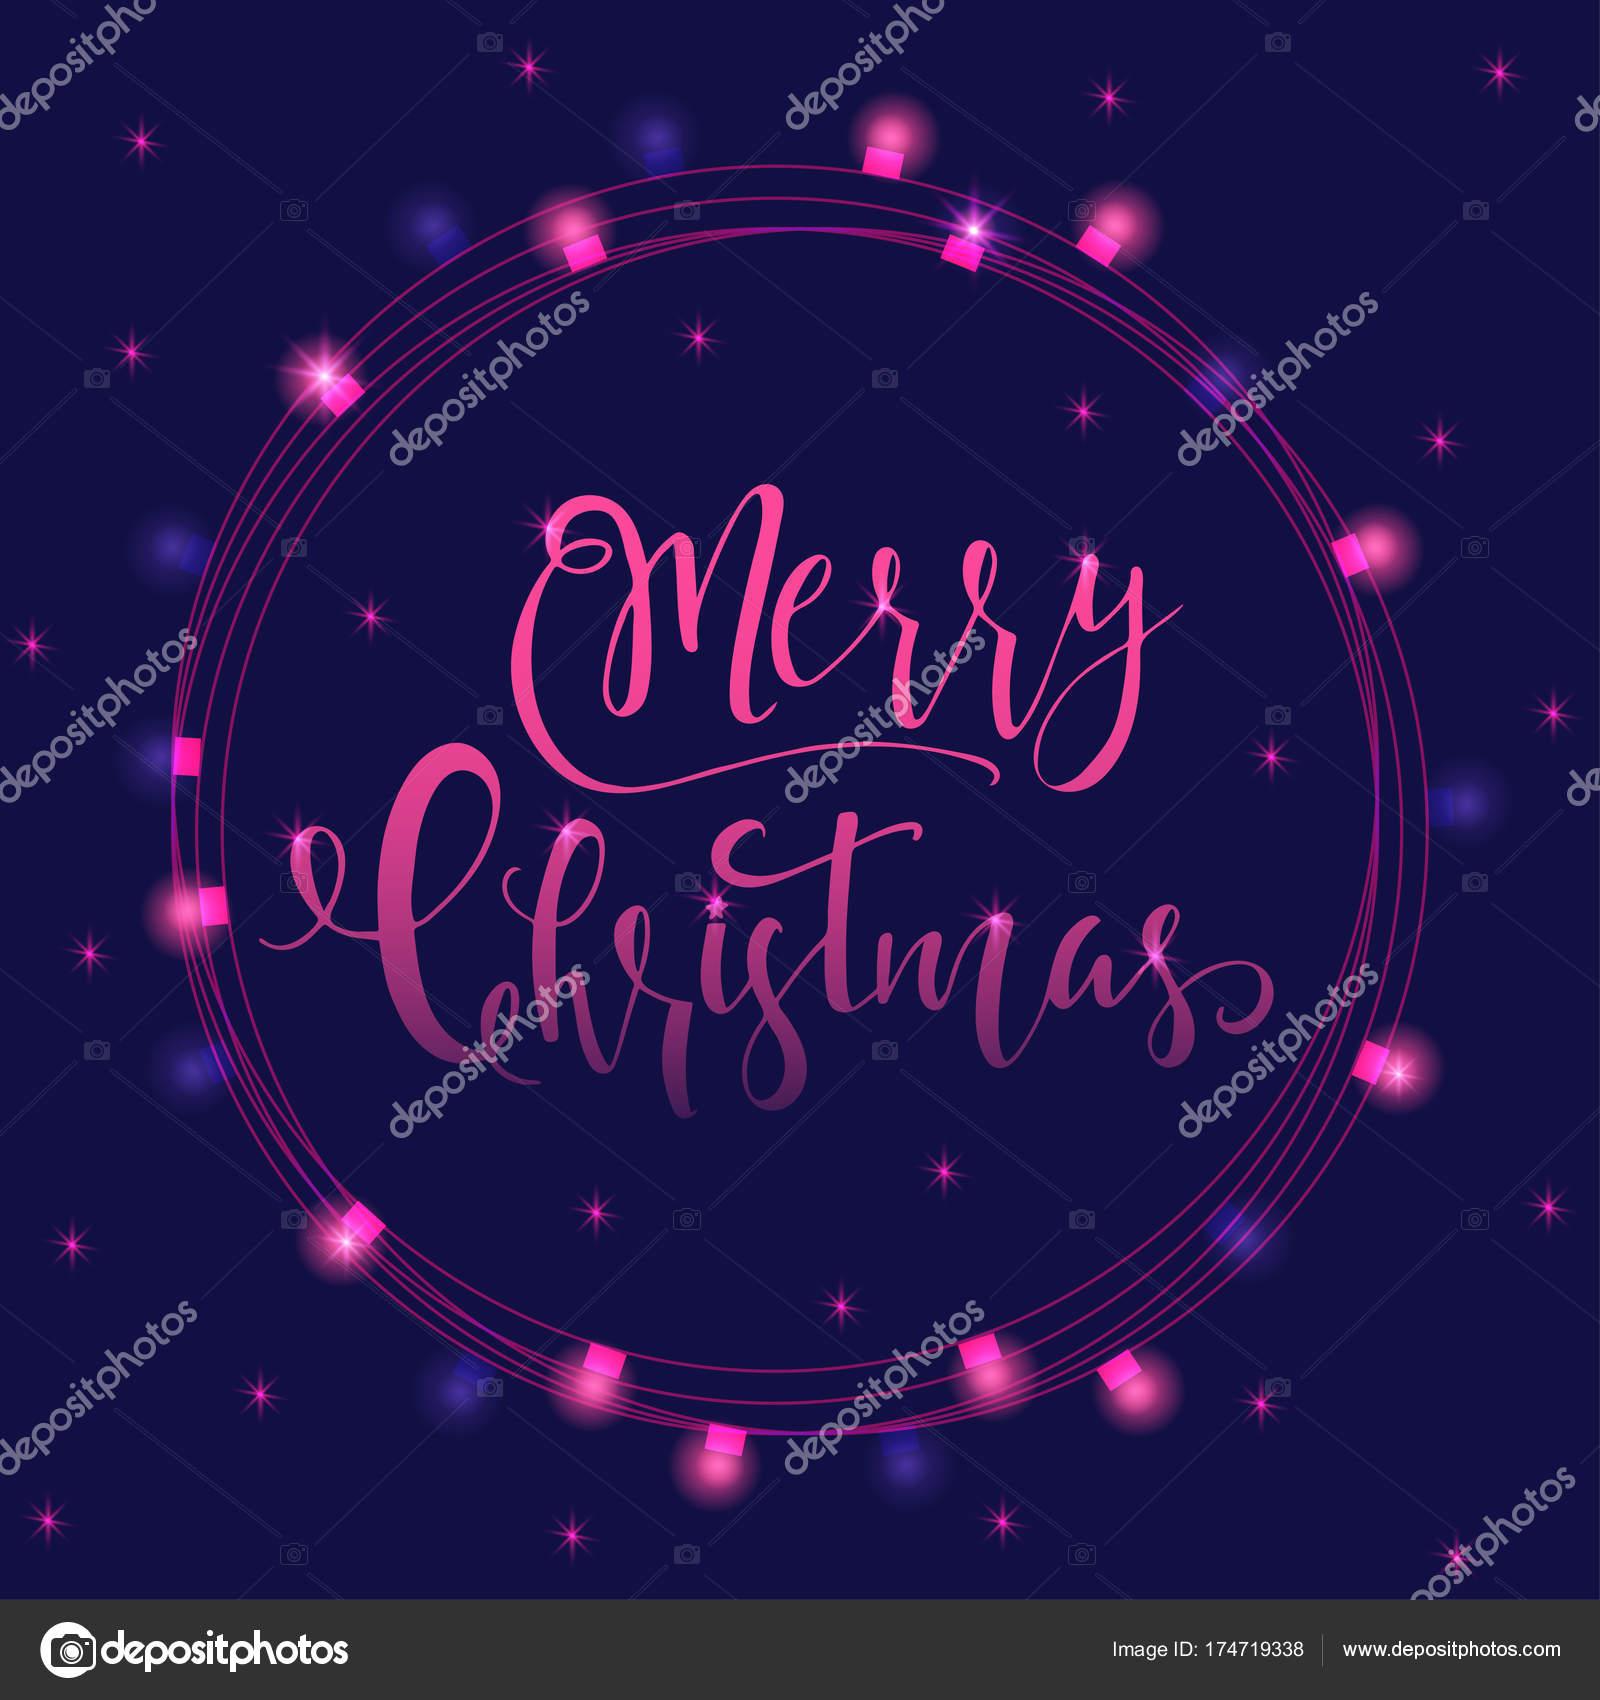 Neujahrs Und Weihnachtswünsche.Wunderbare Und Einzigartige Weihnachtswünsche Handschriftliche Für